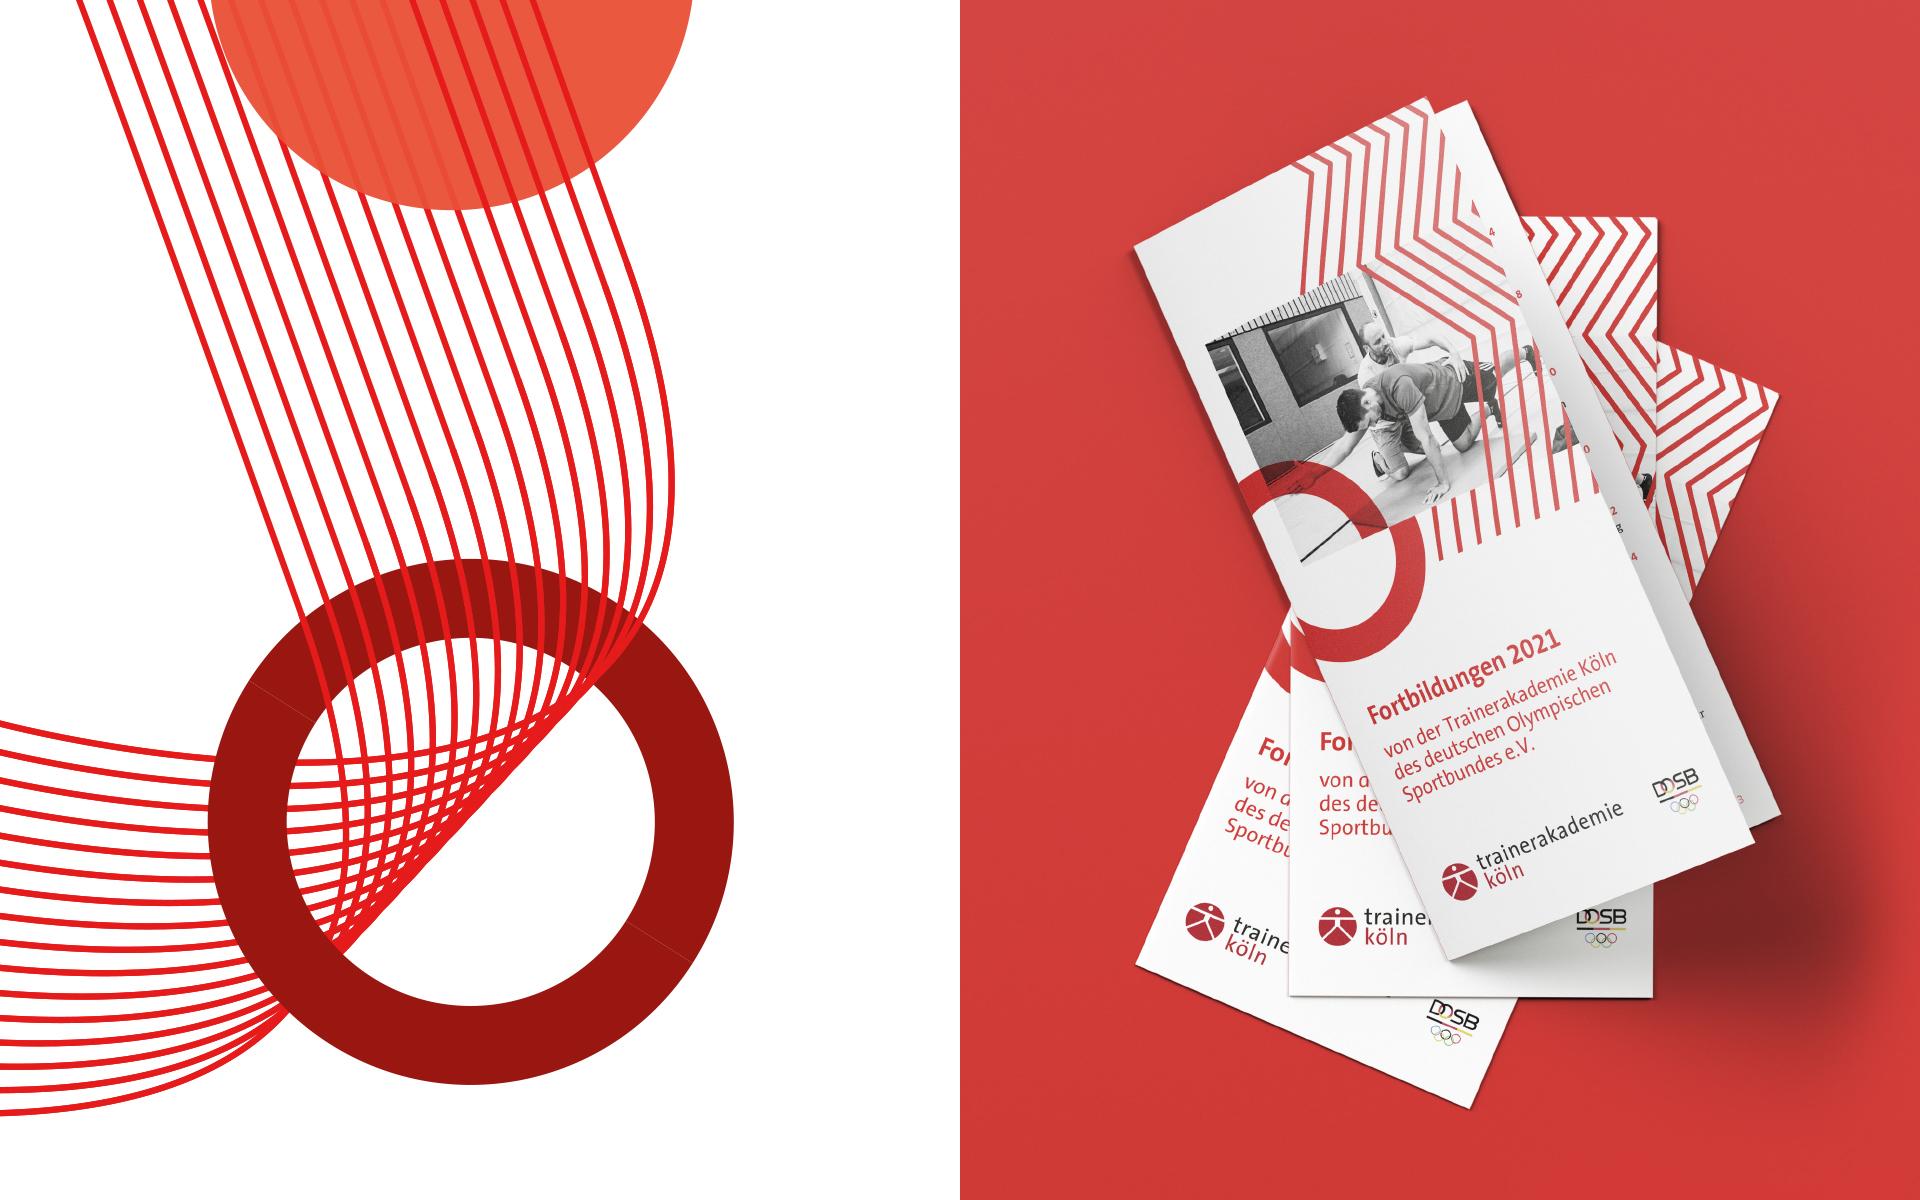 Trainerakademie Köln Corporate Design, Kombination von Gestaltungselementen und Anwendung